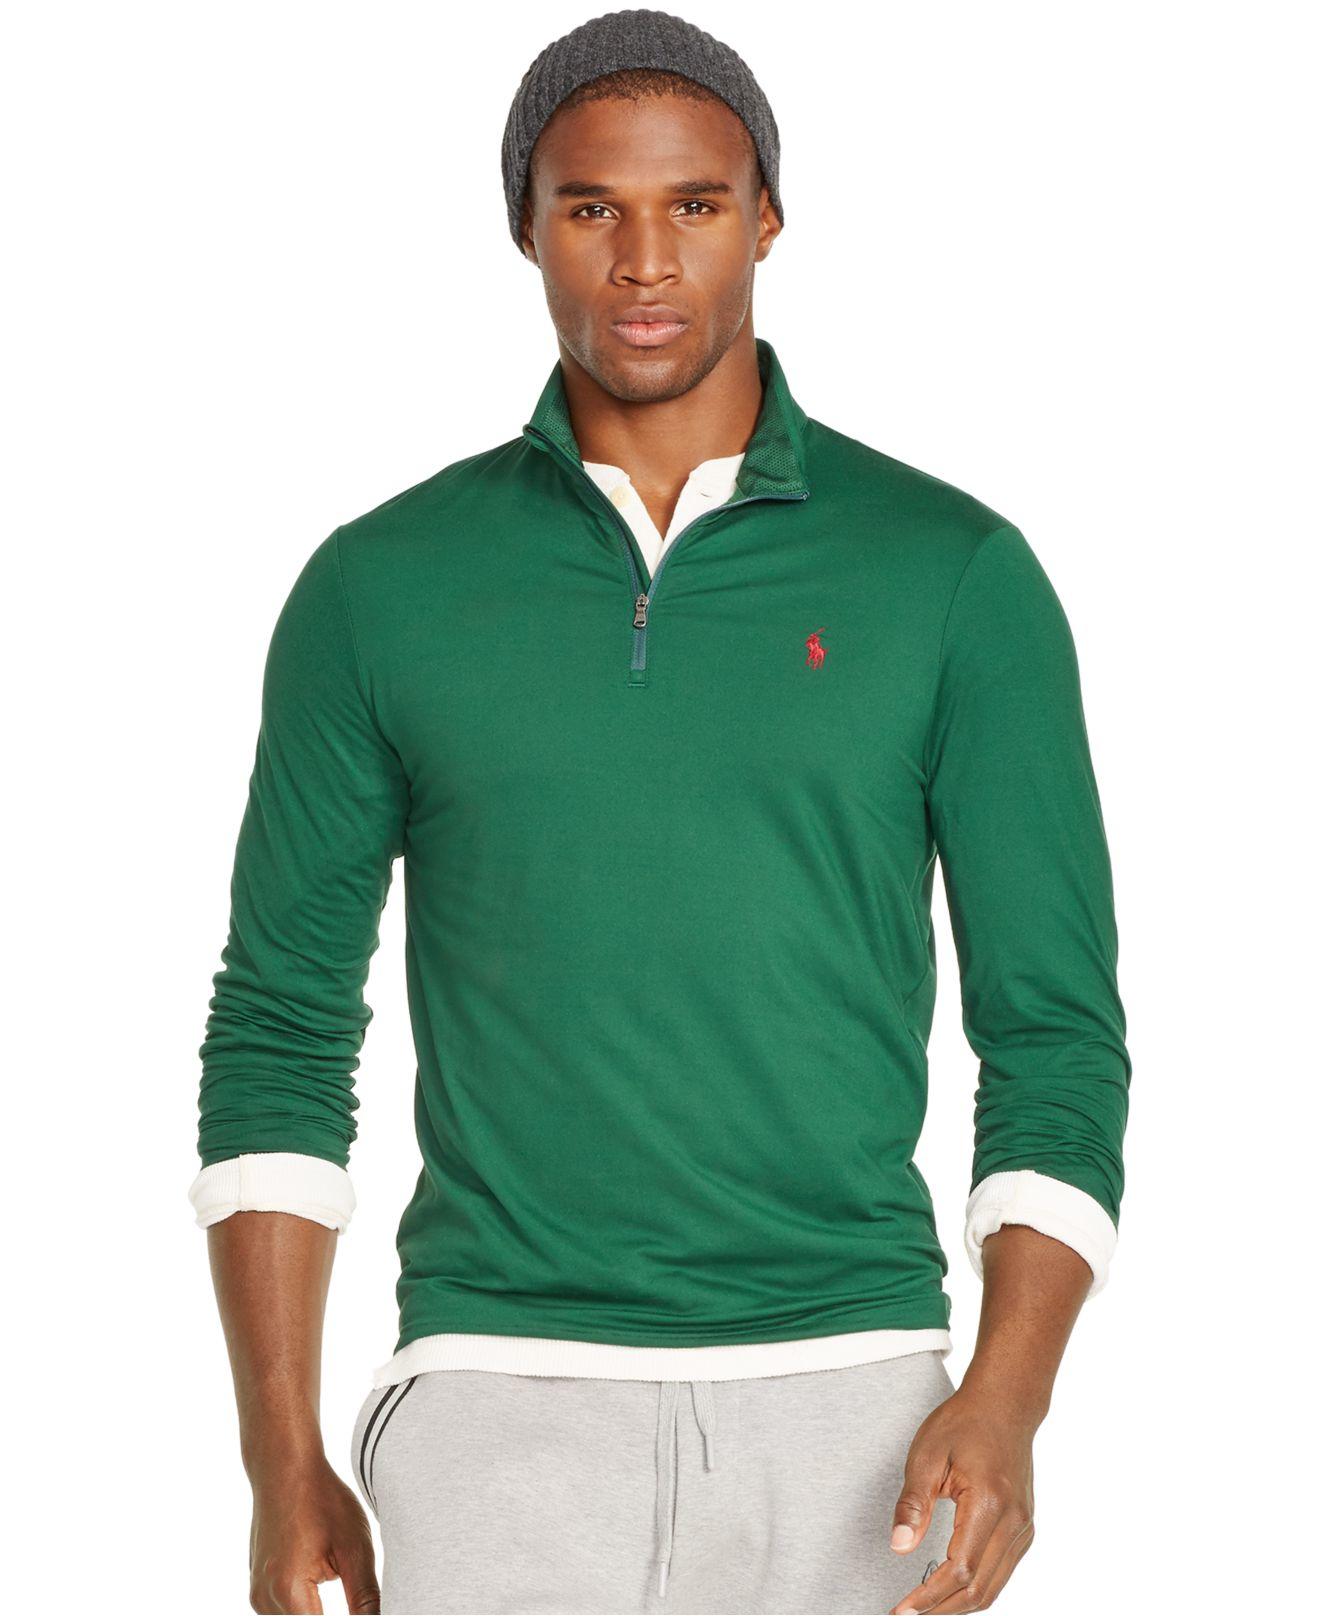 polo ralph lauren jersey mockneck pullover in green for men lyst. Black Bedroom Furniture Sets. Home Design Ideas